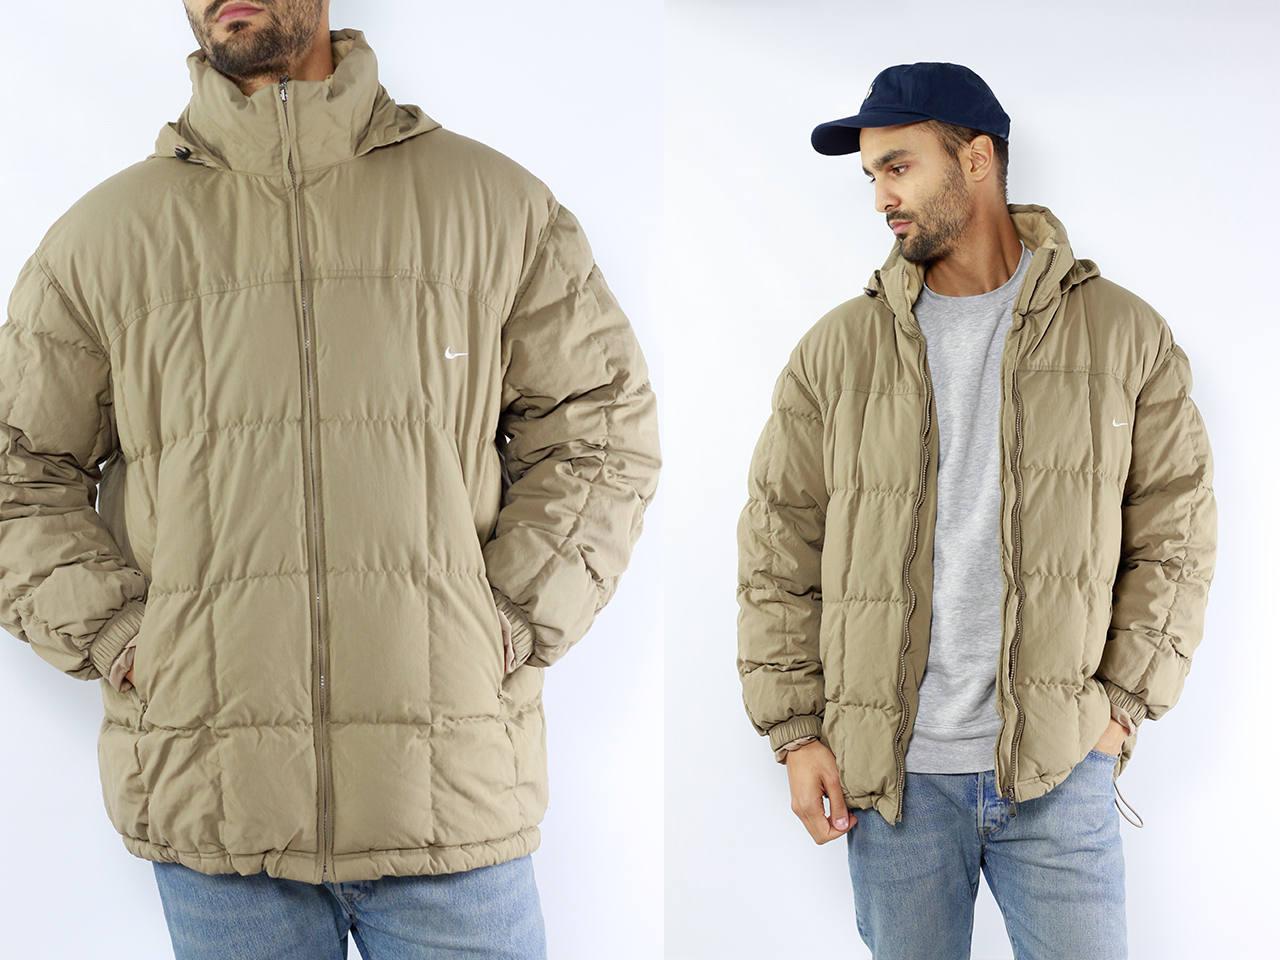 c1d093de2c13 Nike Puffer Jacket   Beige Nike Jacket   Beige Pufferjacket   Down ...